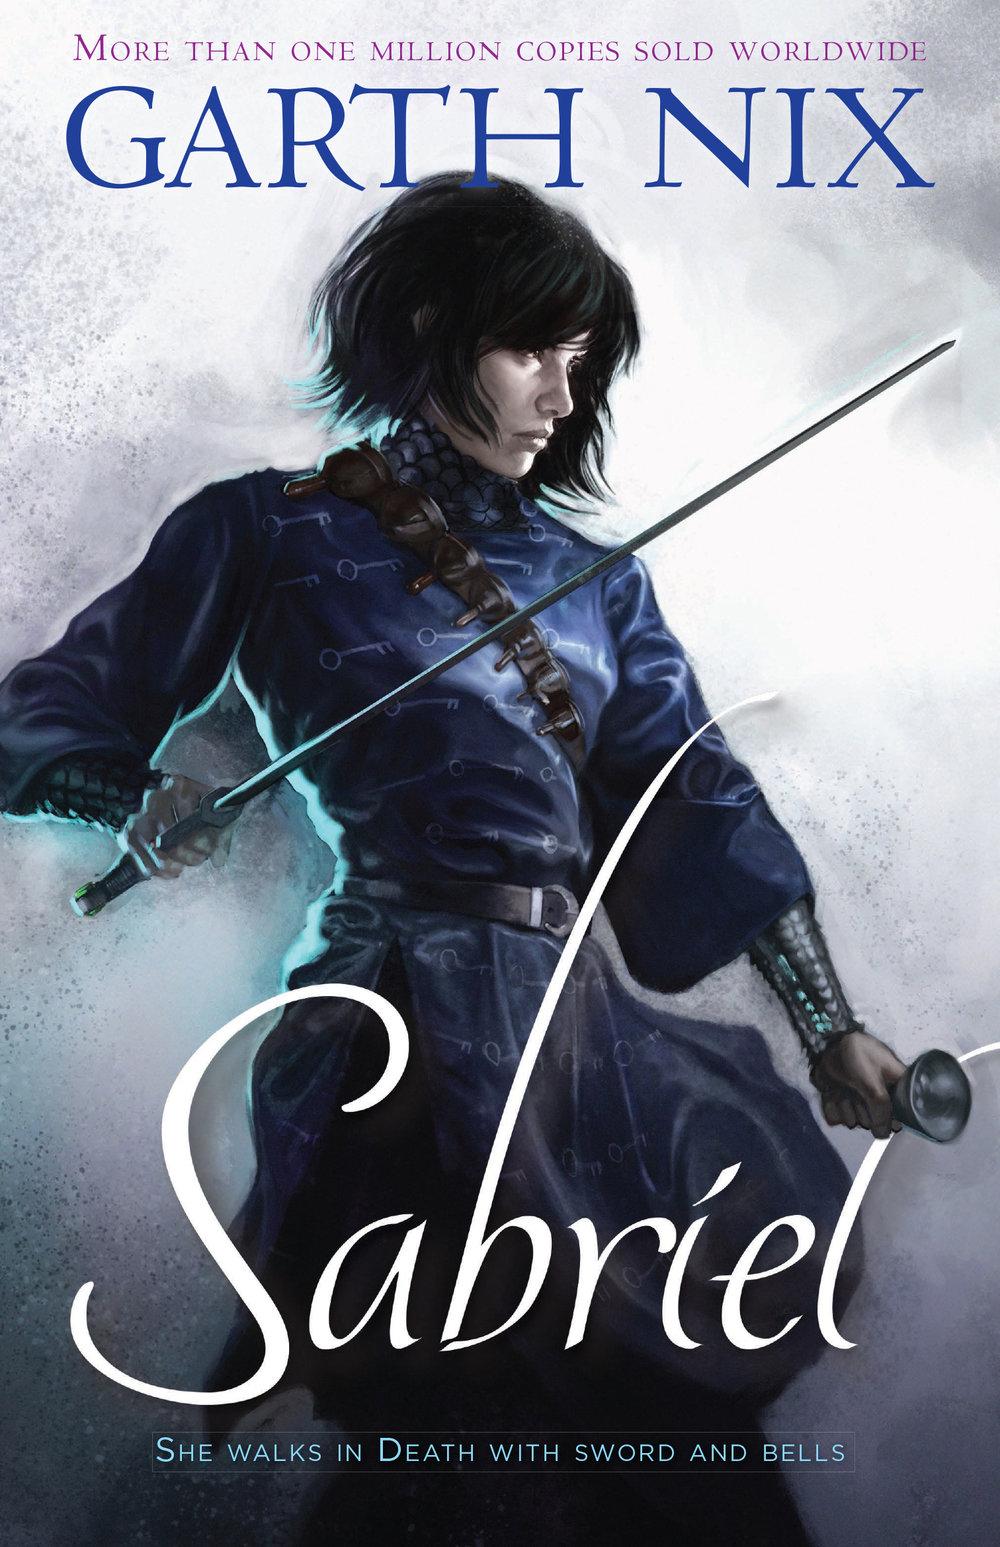 Sabriel, by Garth Nix